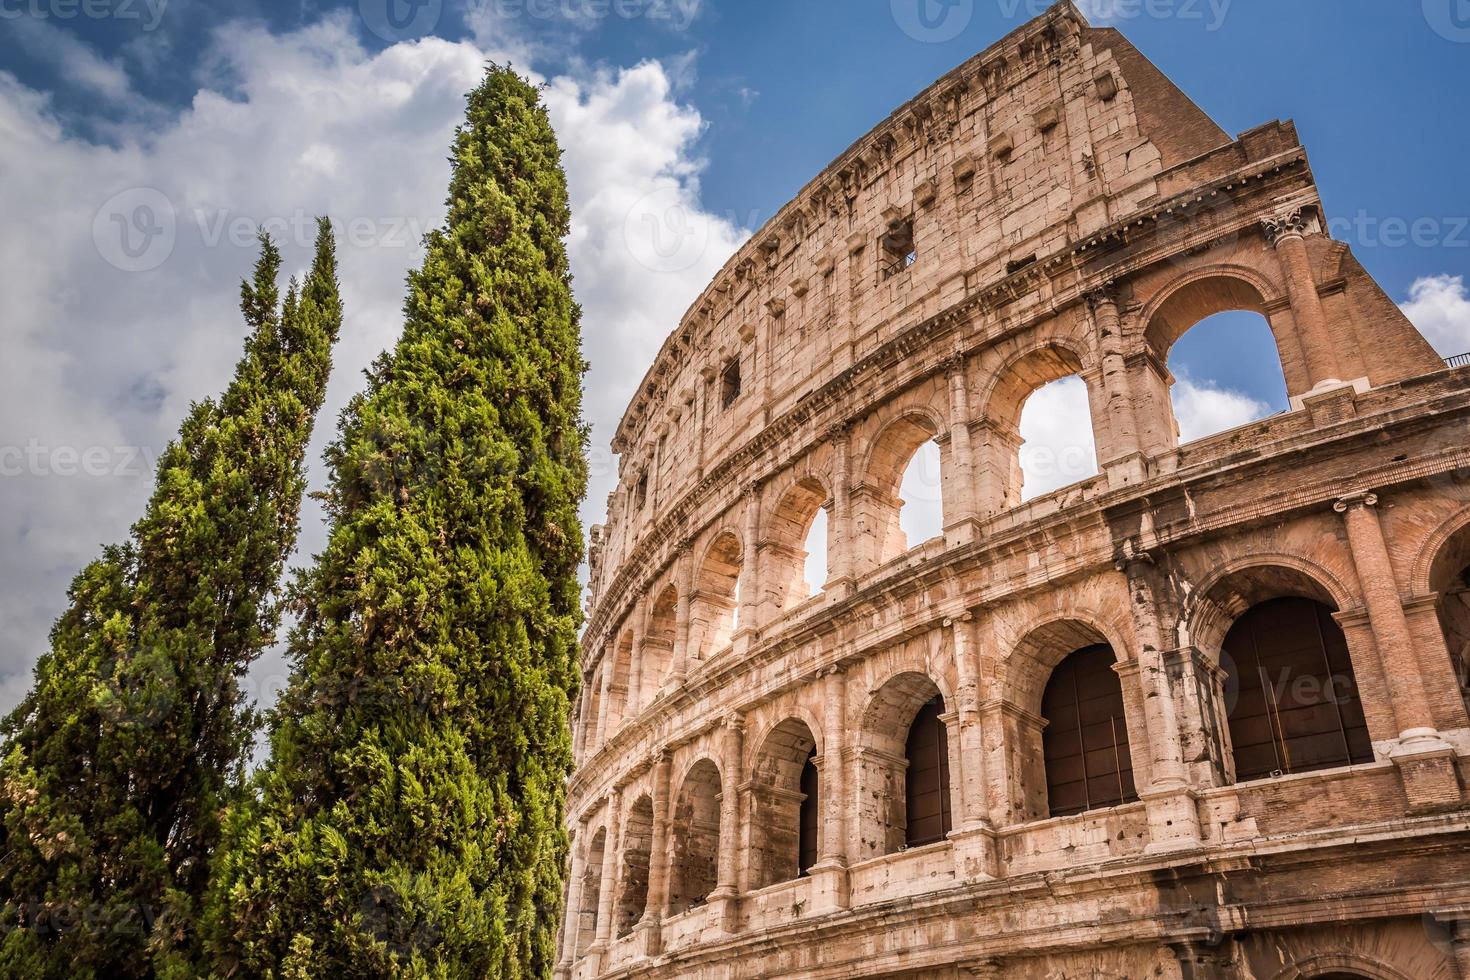 prachtige colosseum in rome, Italië foto